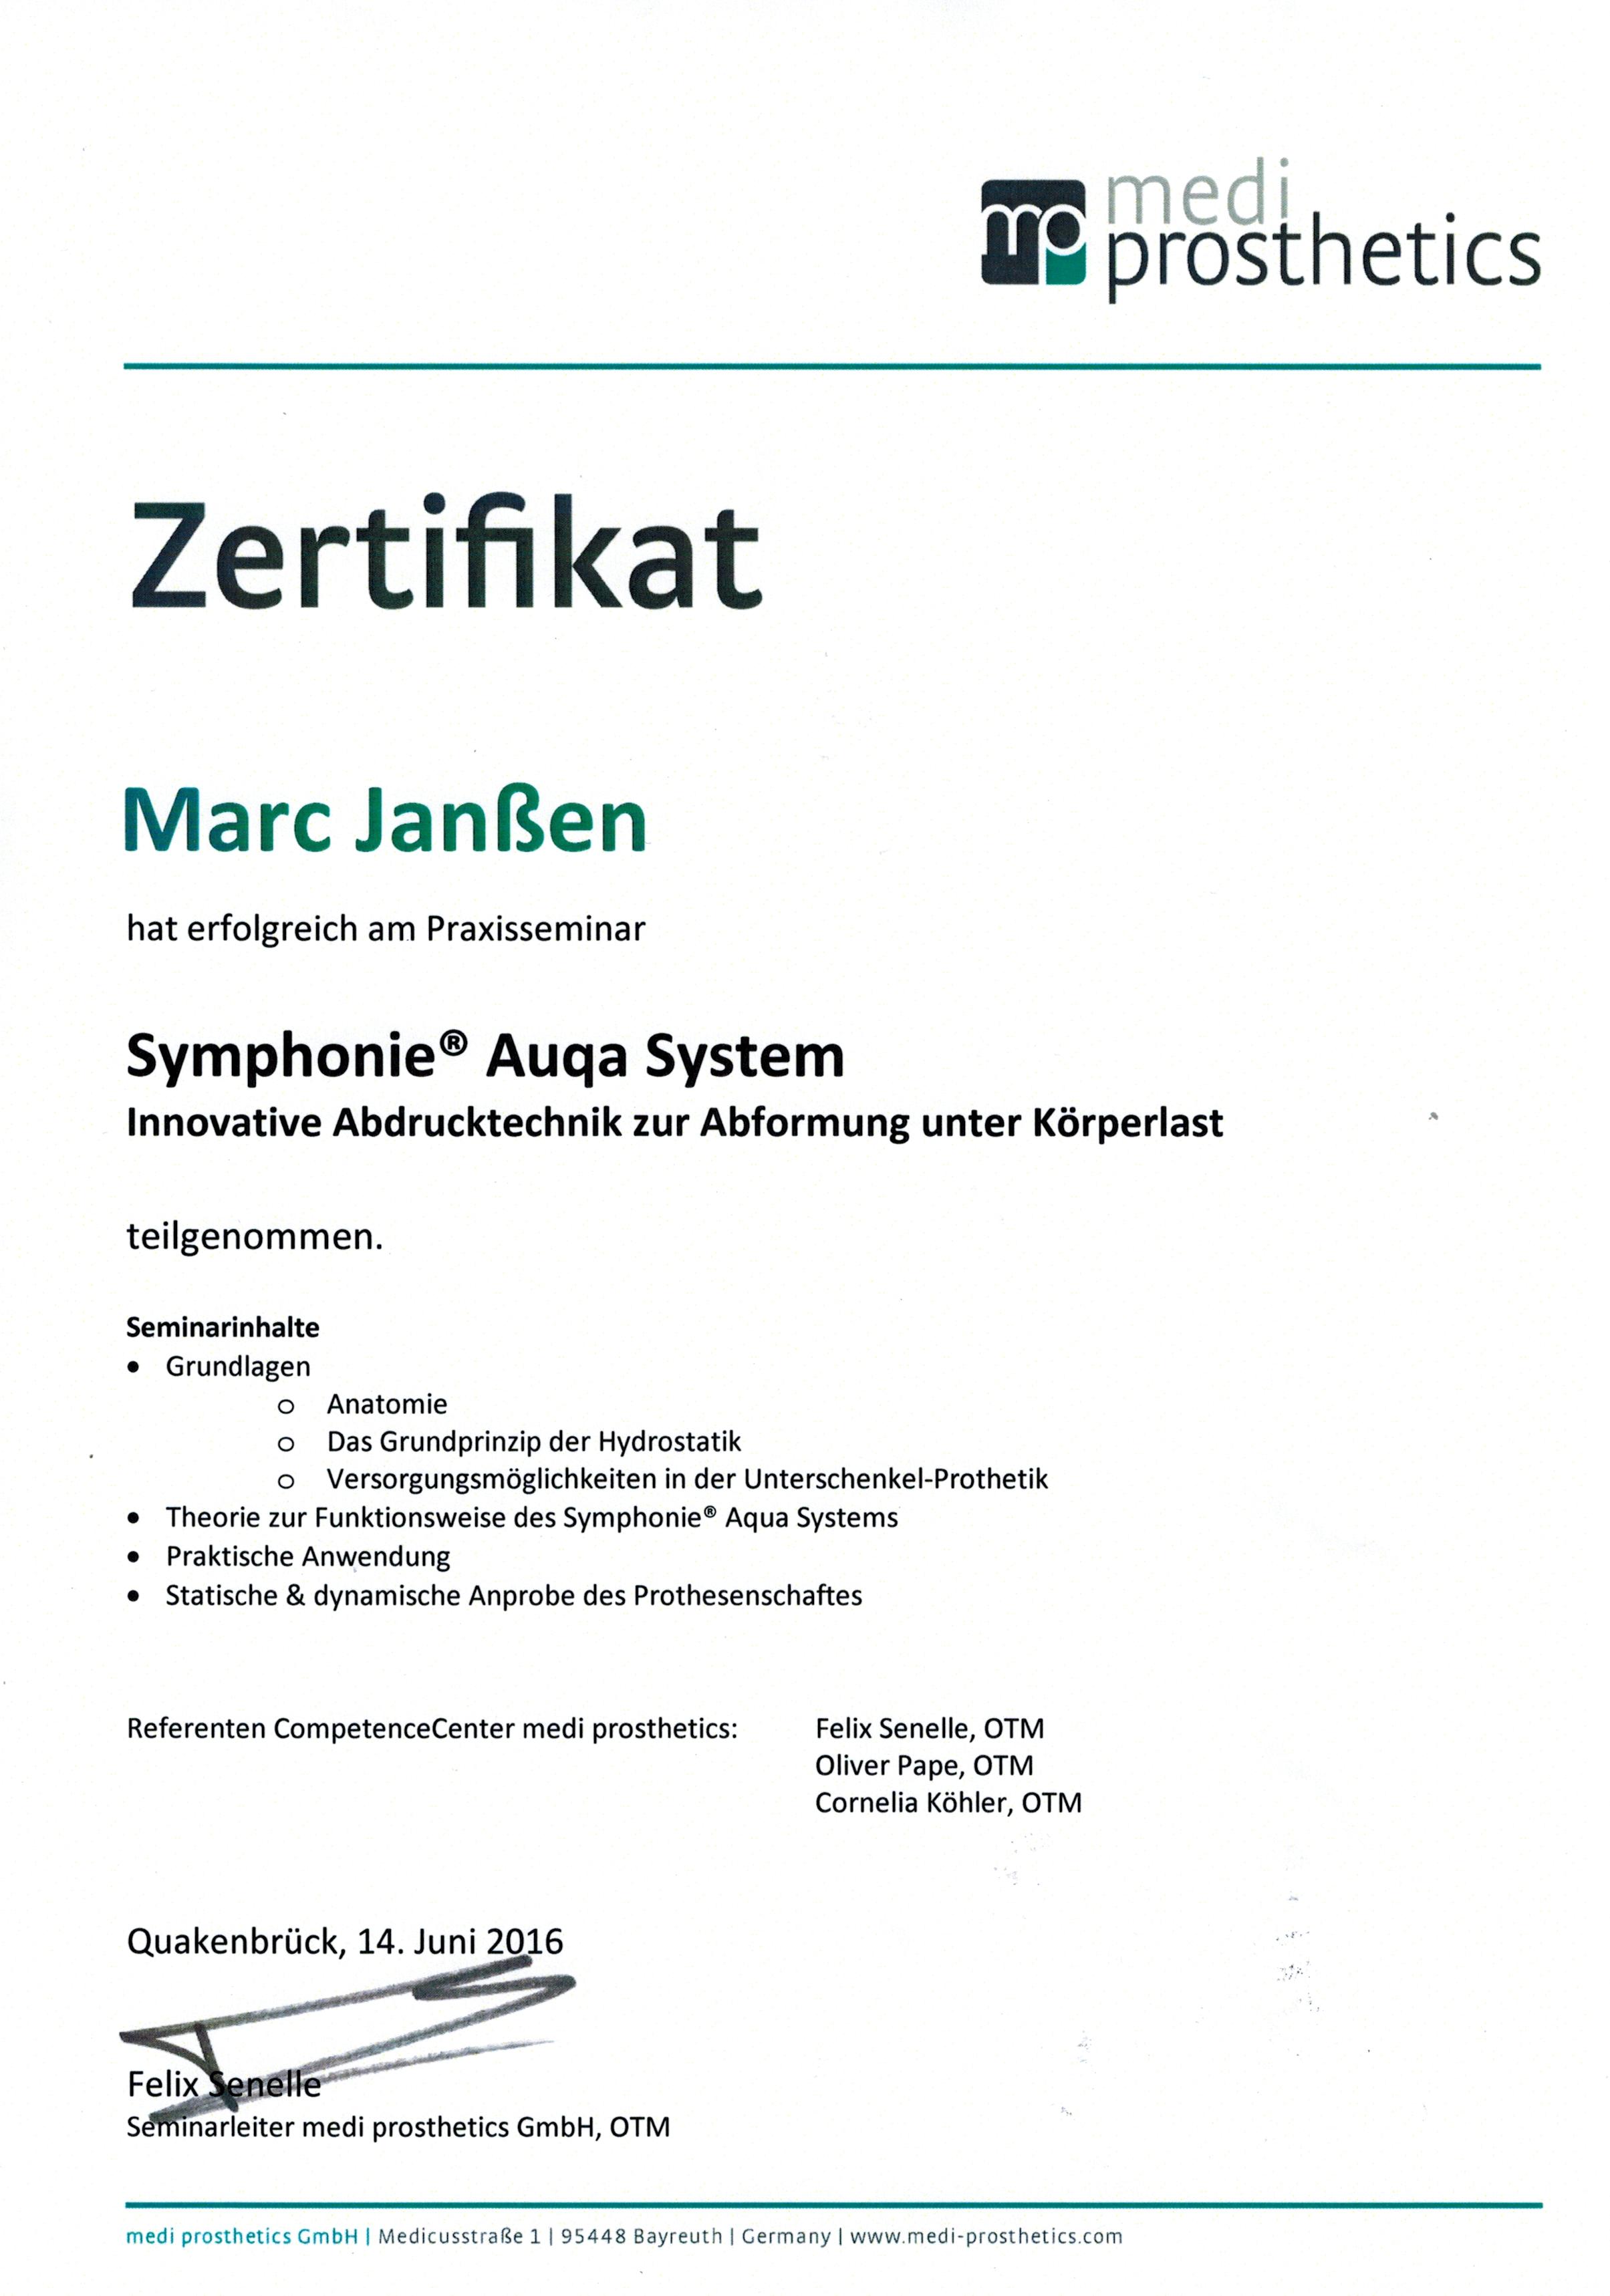 Synphonie Auqua System Marc Zertifikat02092016